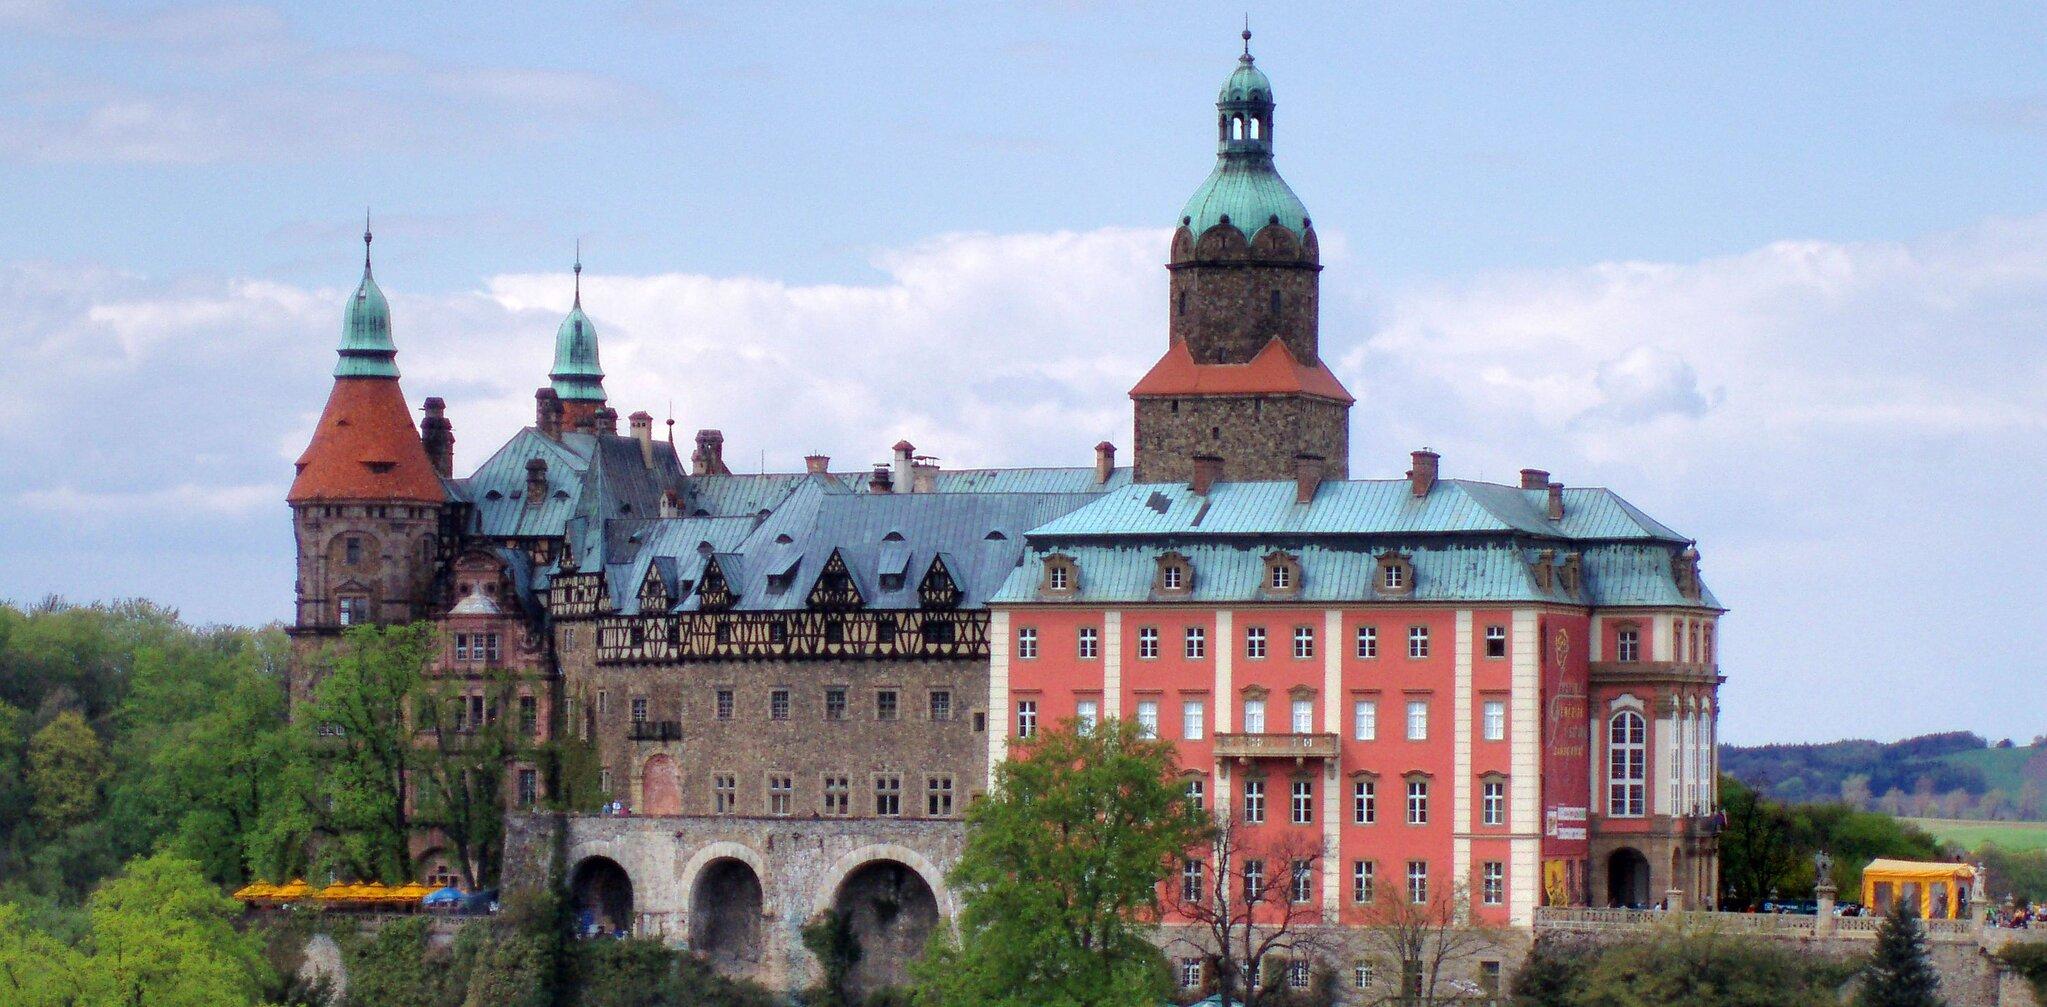 Zamek Książ Zamek Książ Źródło: Drozdp, licencja: CC BY-SA 4.0.